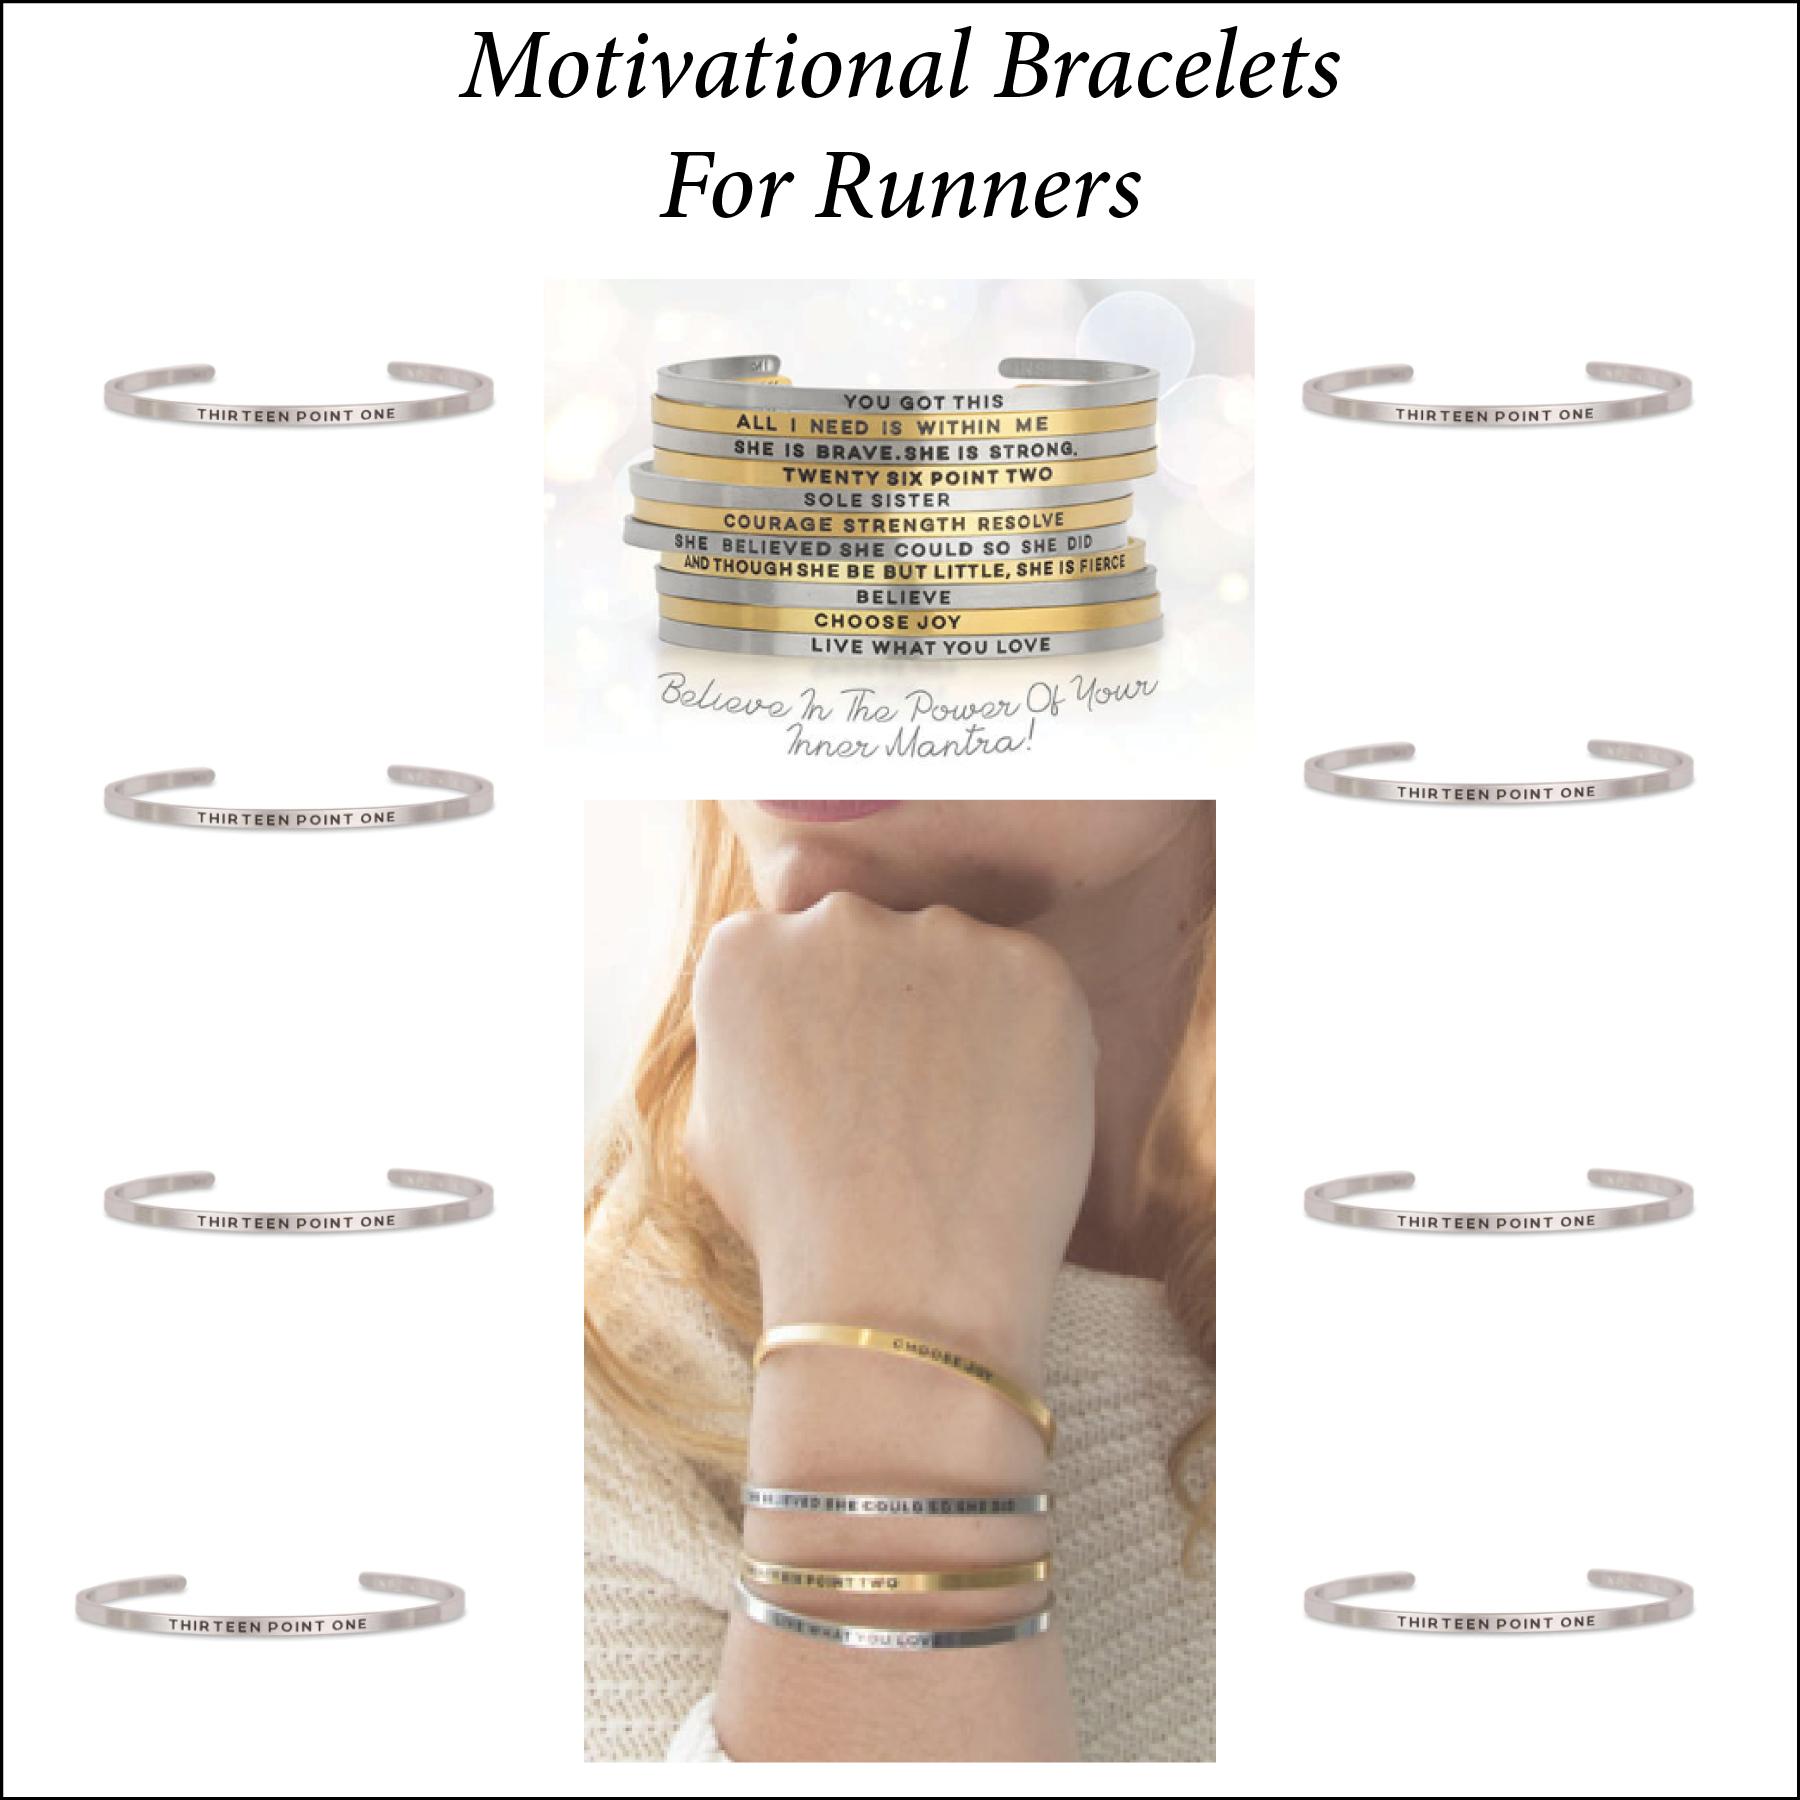 Motivational Bracelets